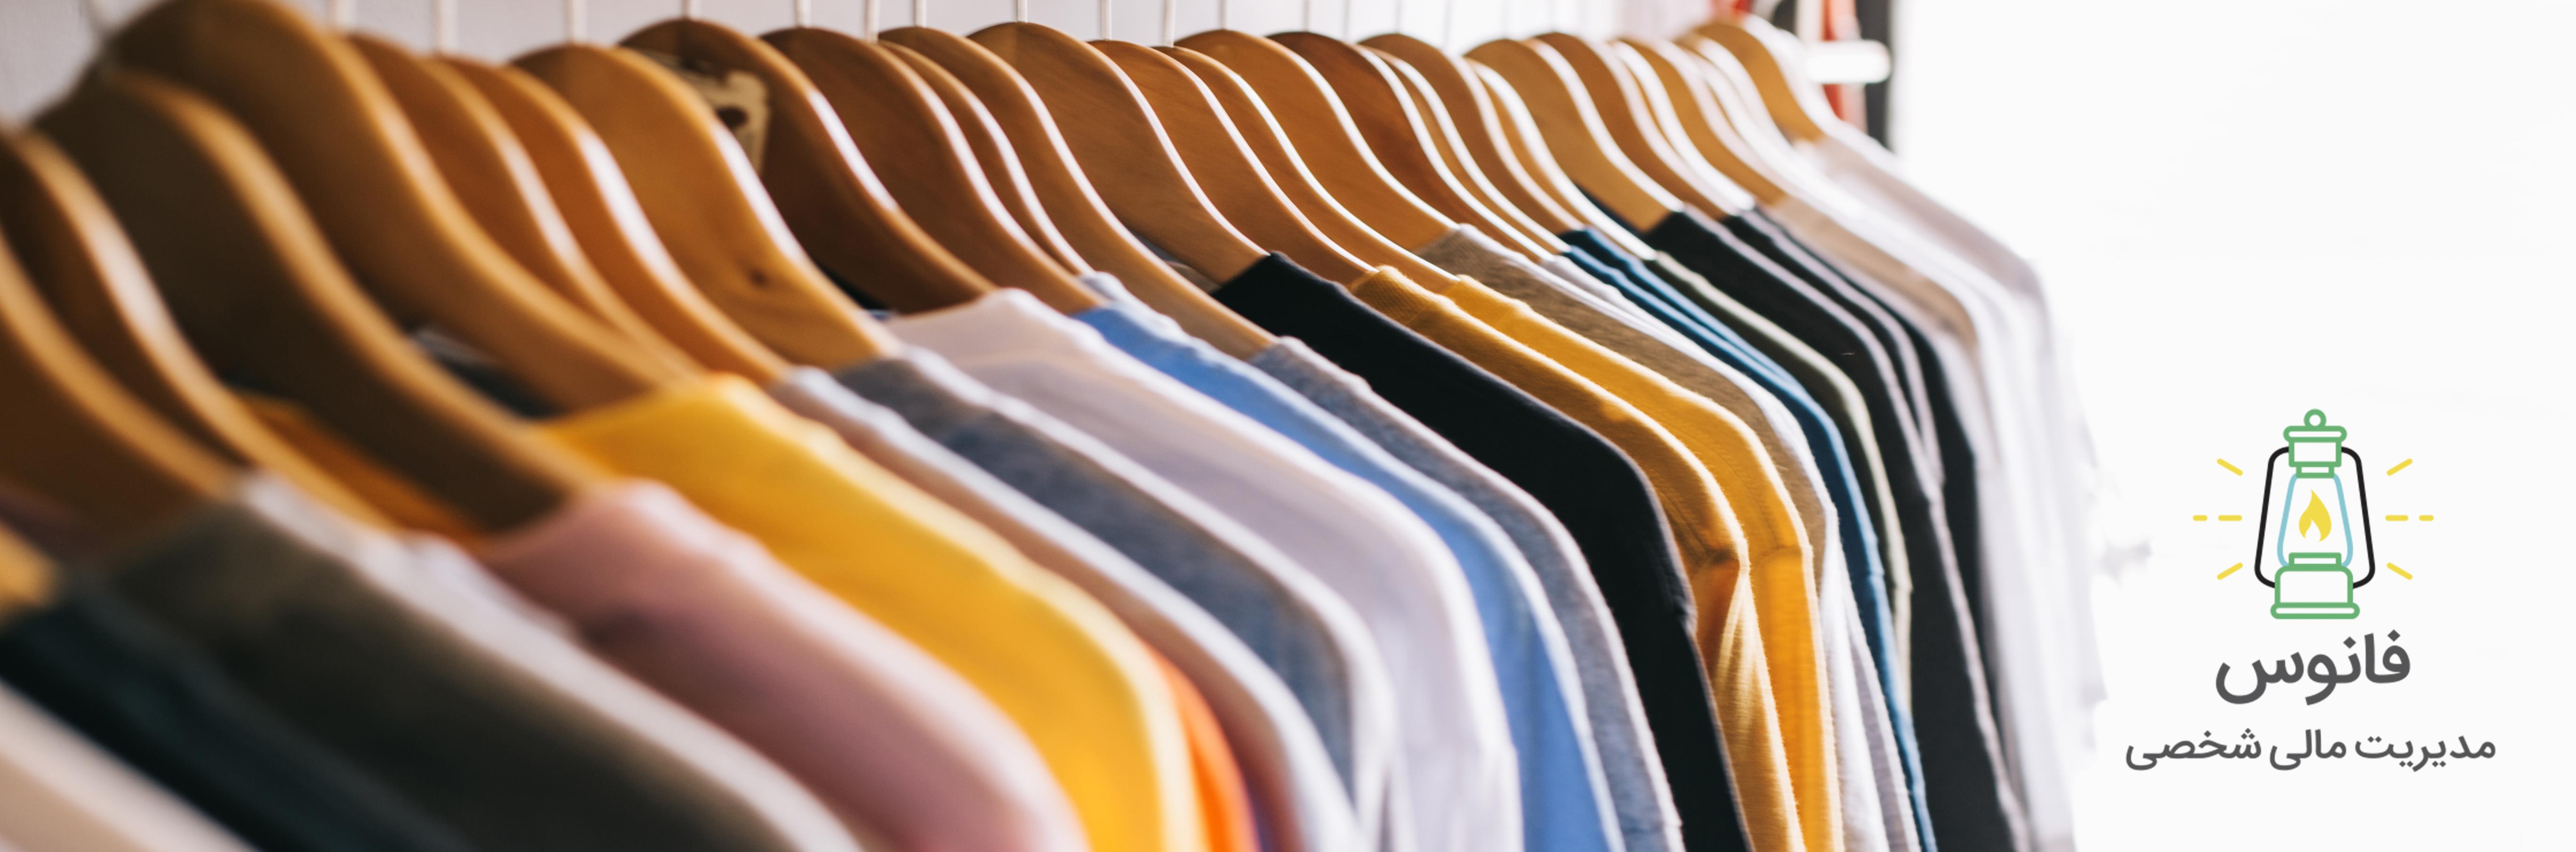 خرید ارزان لباس با کمک فانوس